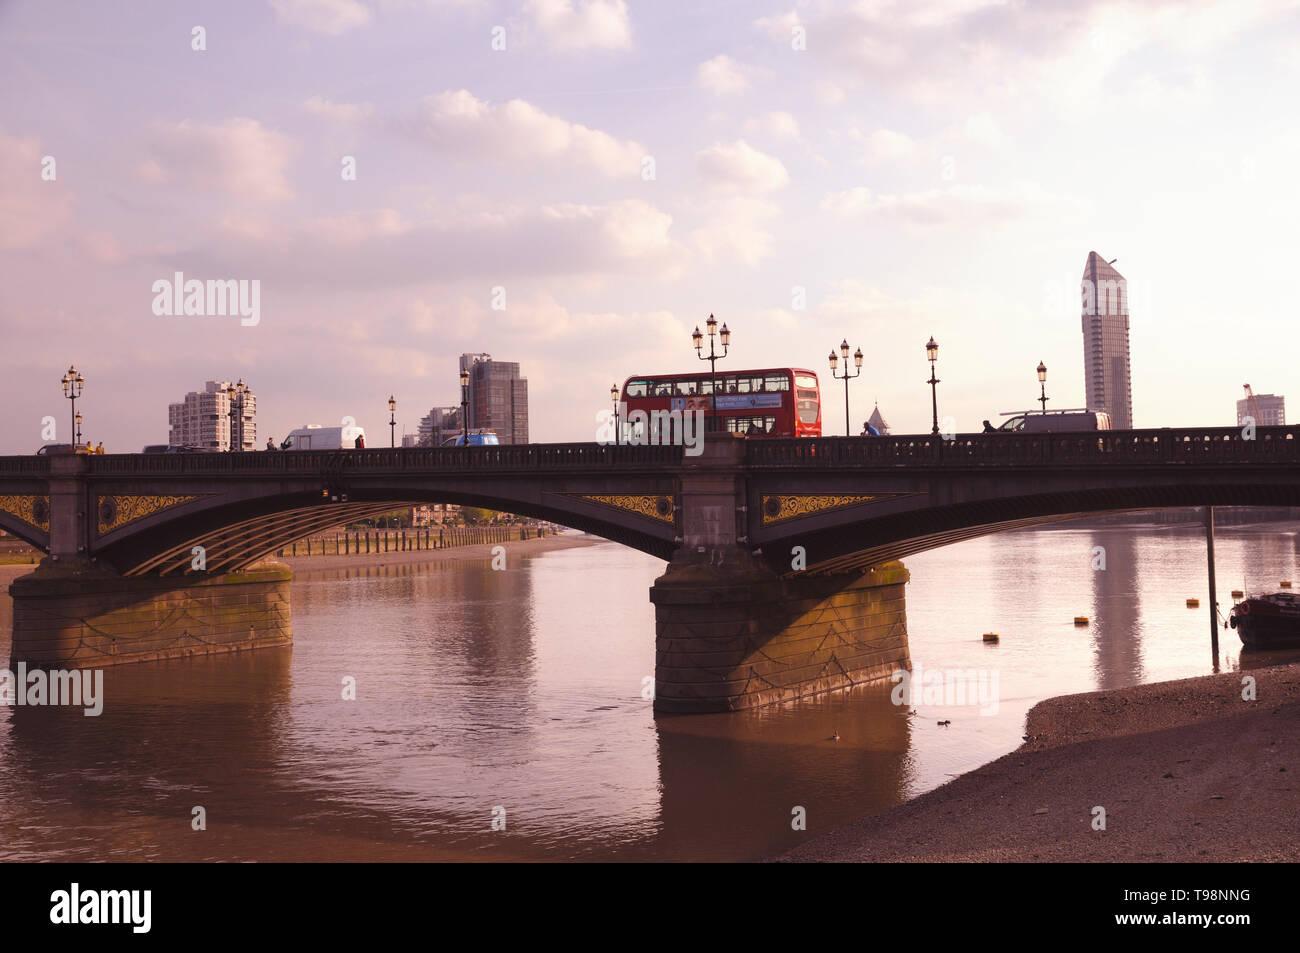 Un autobús de dos pisos rojo en Battersea puente que cruza el río Támesis, Chelsea Embankment, Londres, Inglaterra, Reino Unido. Foto de stock